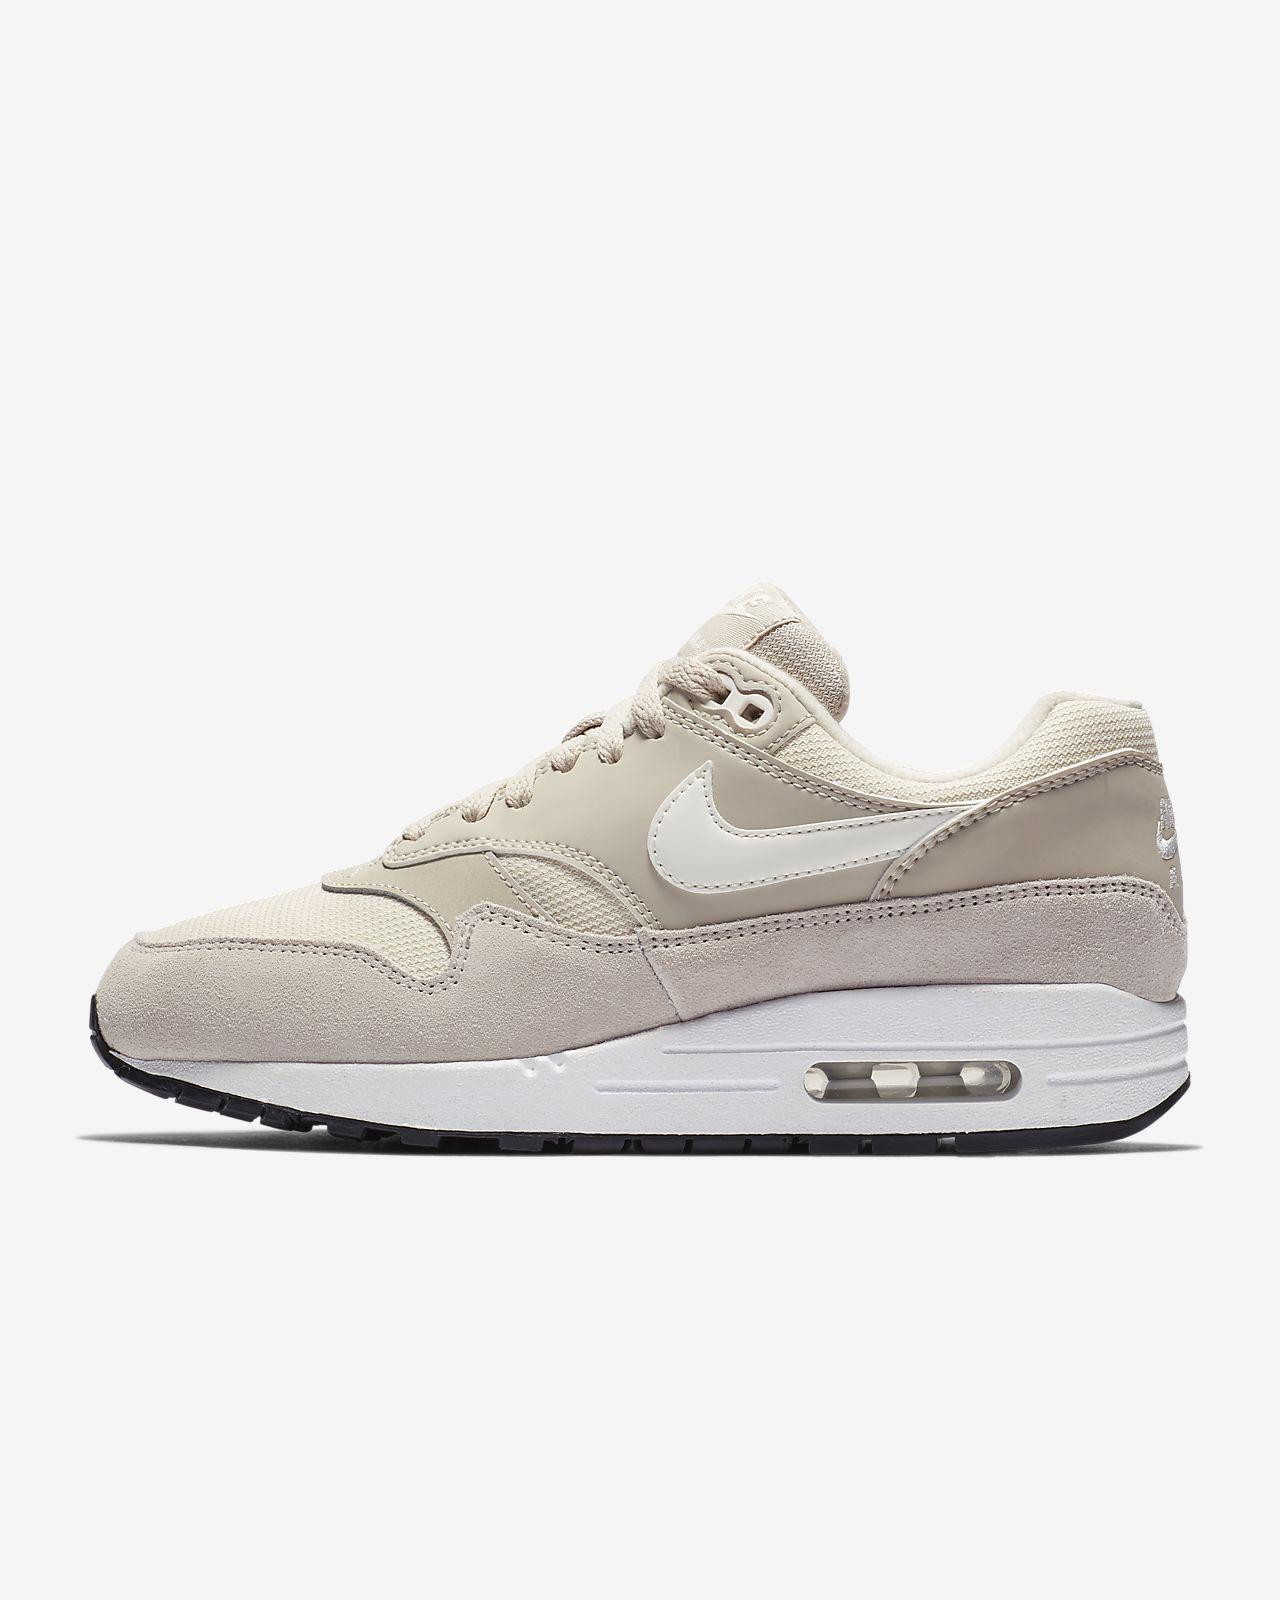 a7d24b229434 Nike Air Max 1 Women s Shoe. Nike.com SI